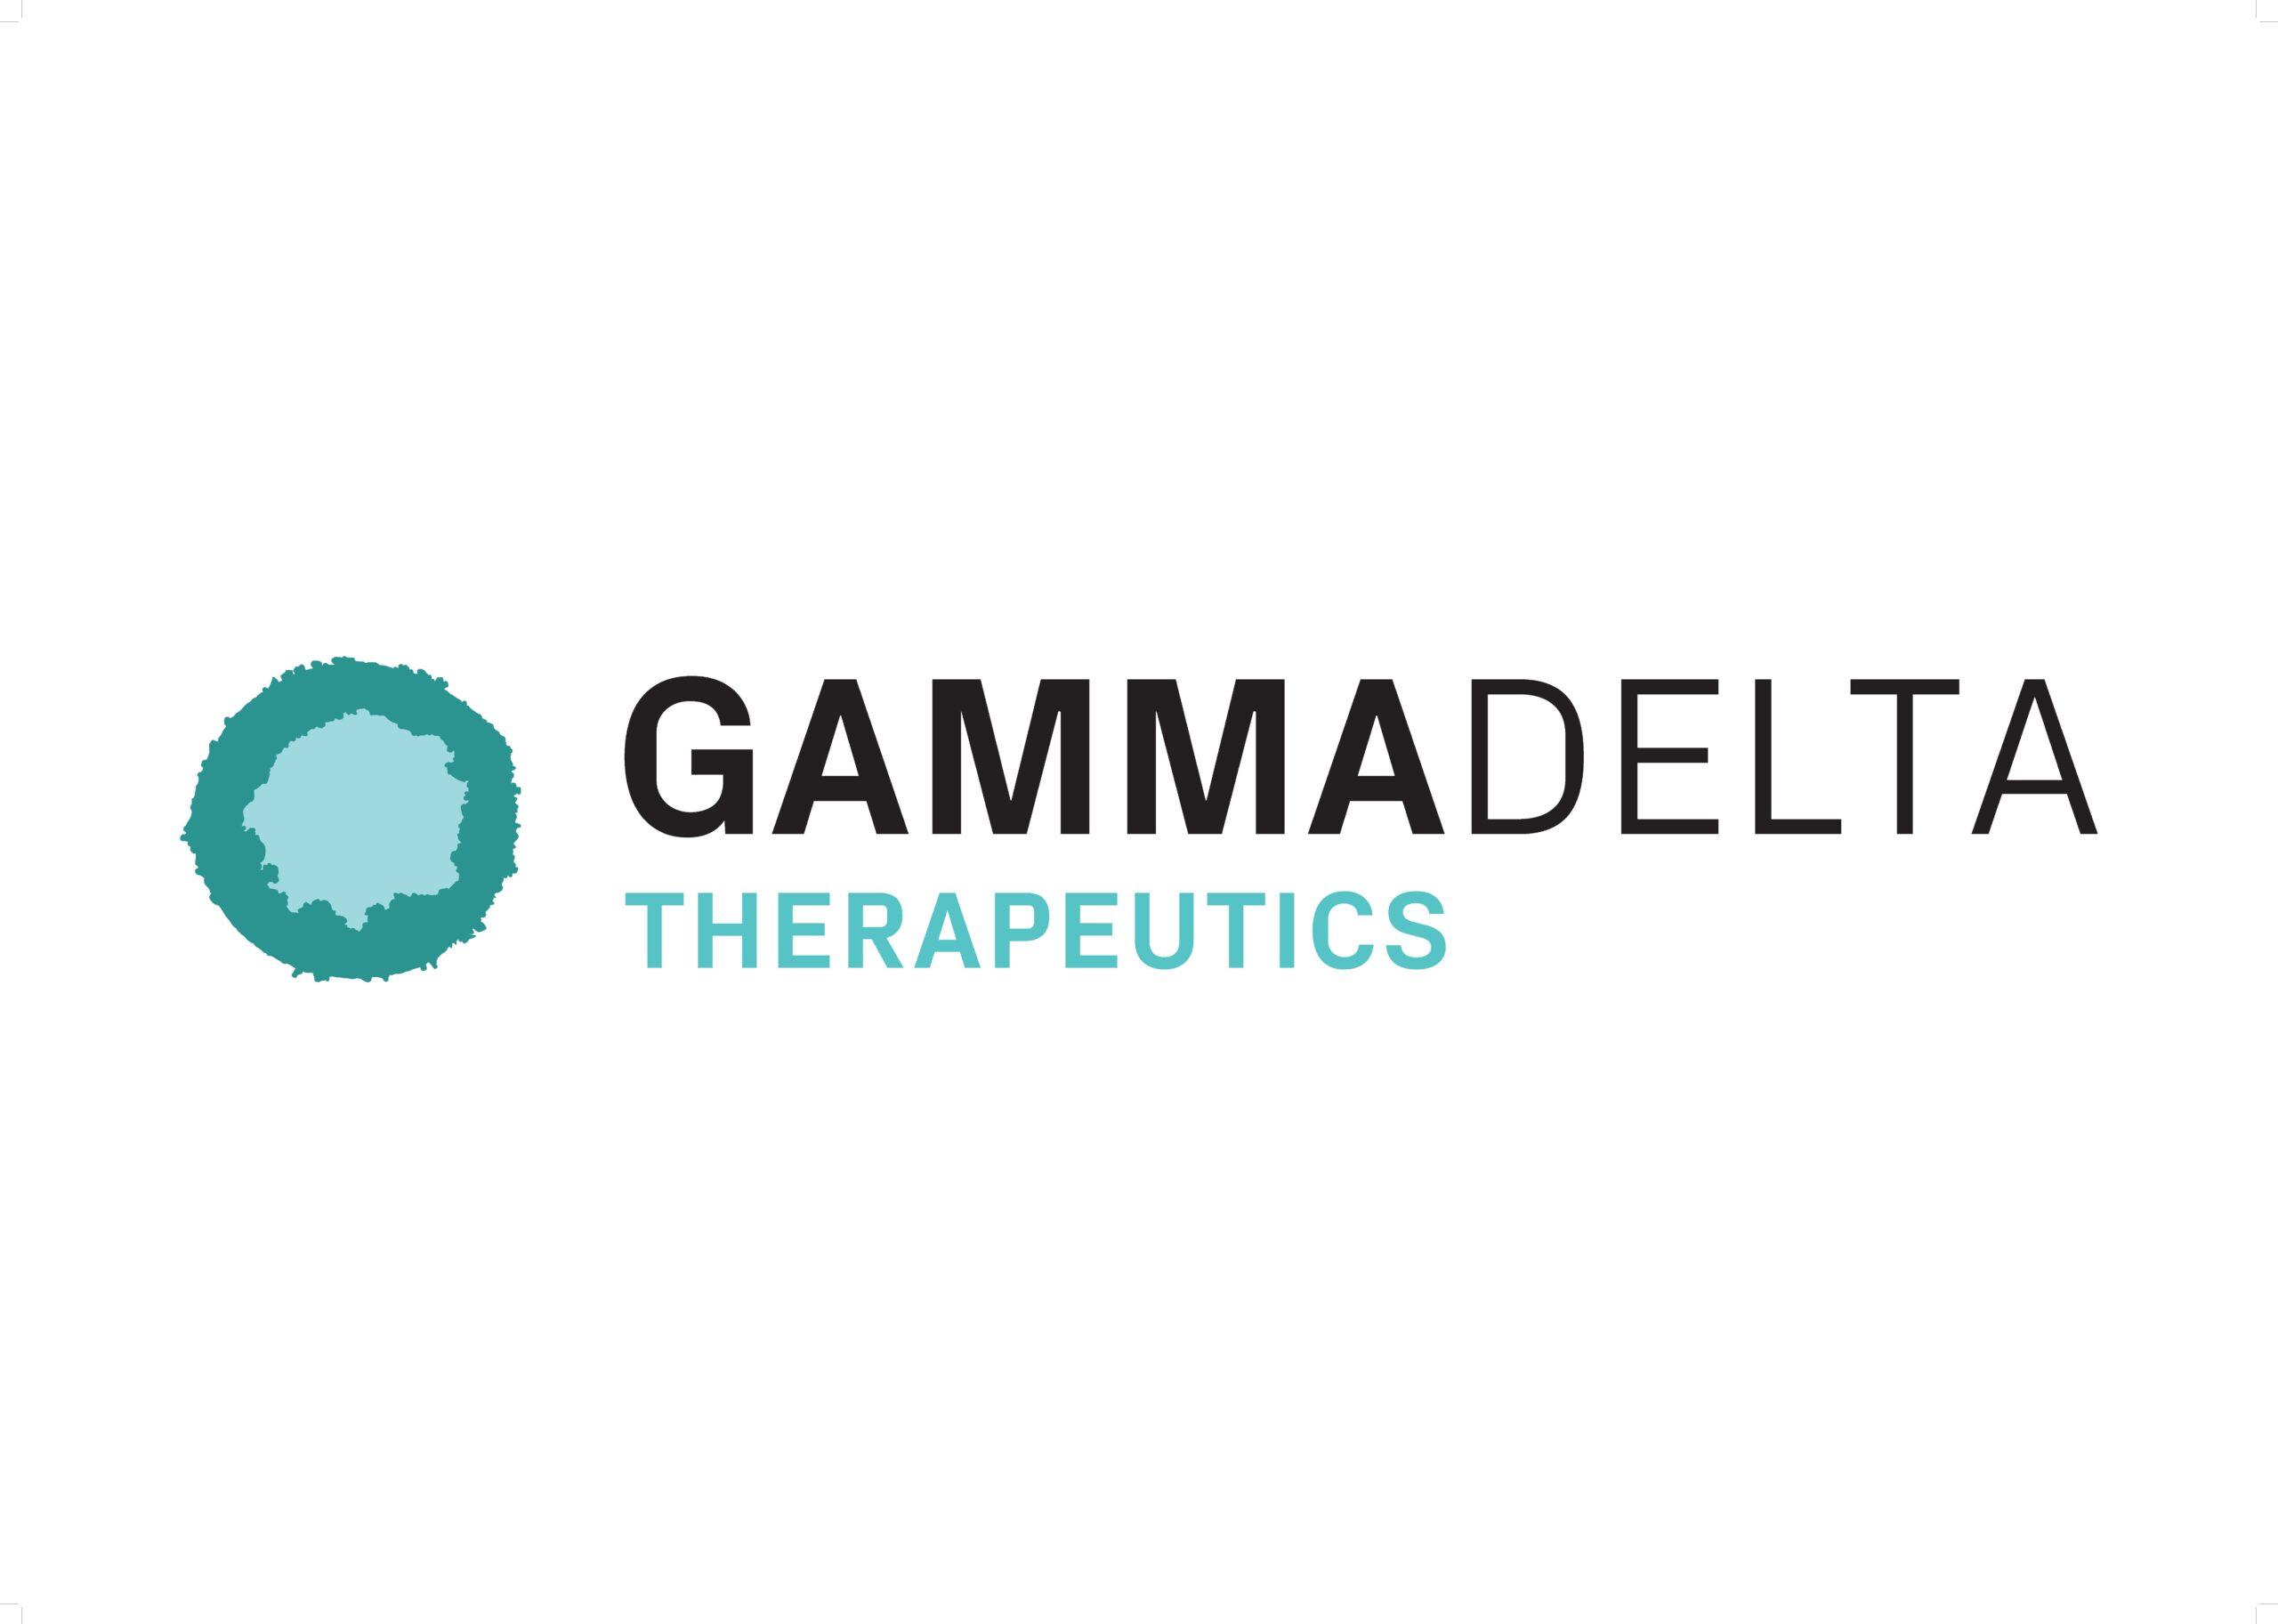 Gammadelta Therapeutics